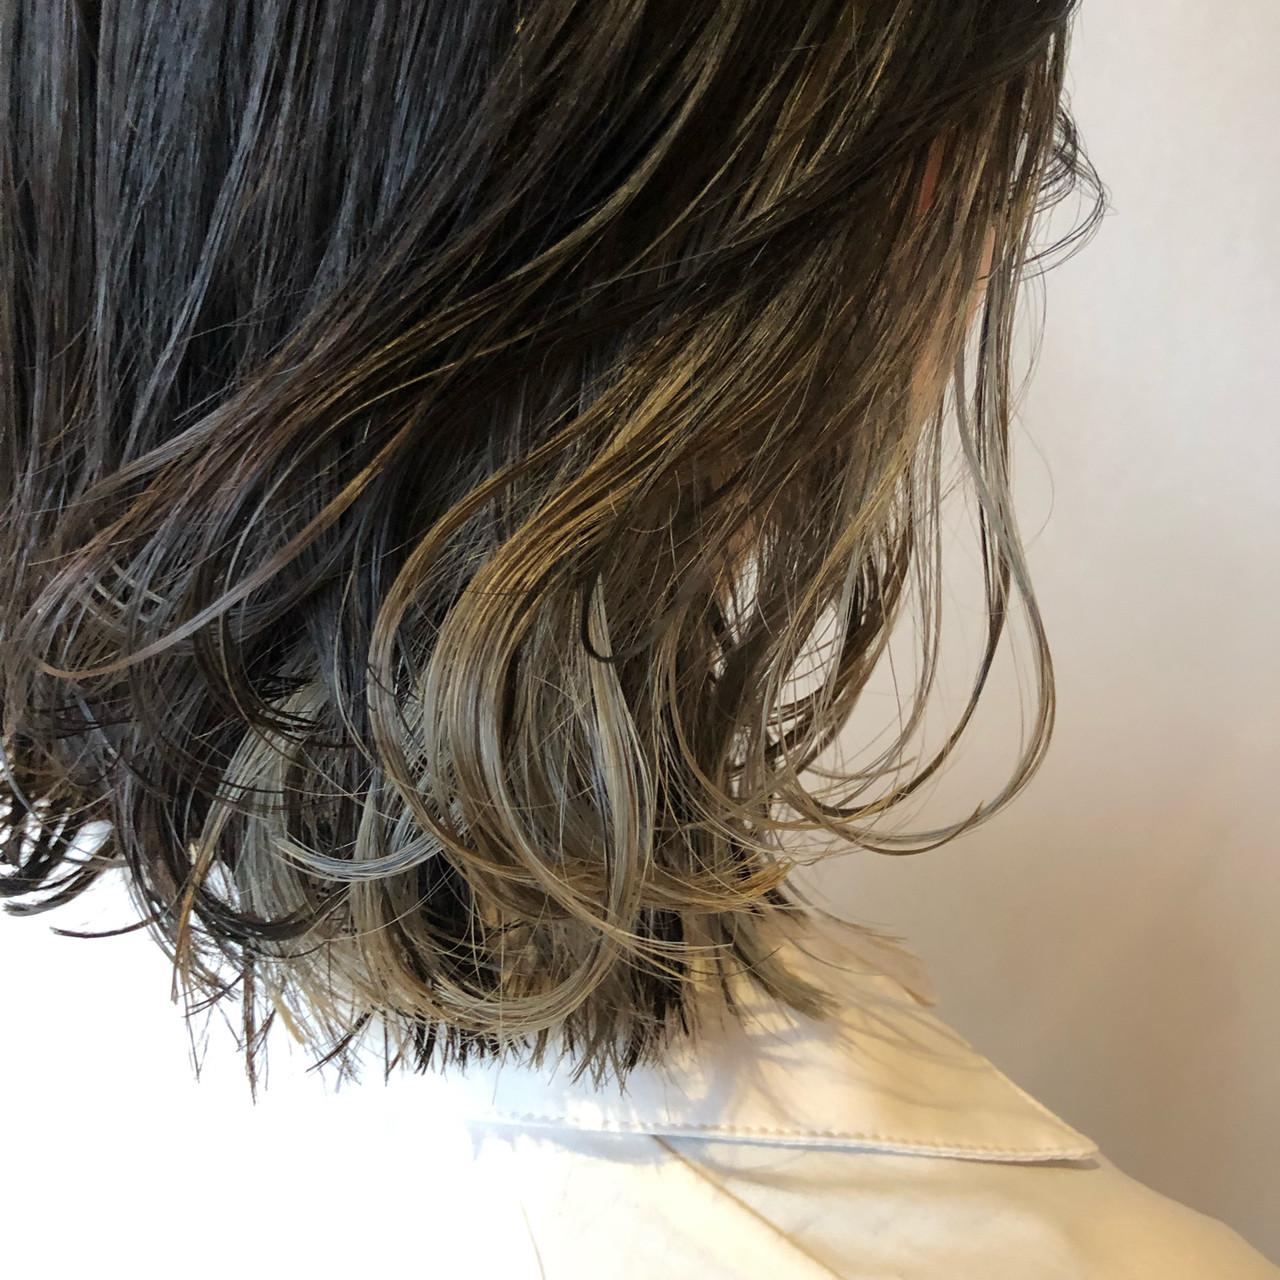 ボブ ナチュラル インナーカラー インナーカラーグレーヘアスタイルや髪型の写真・画像